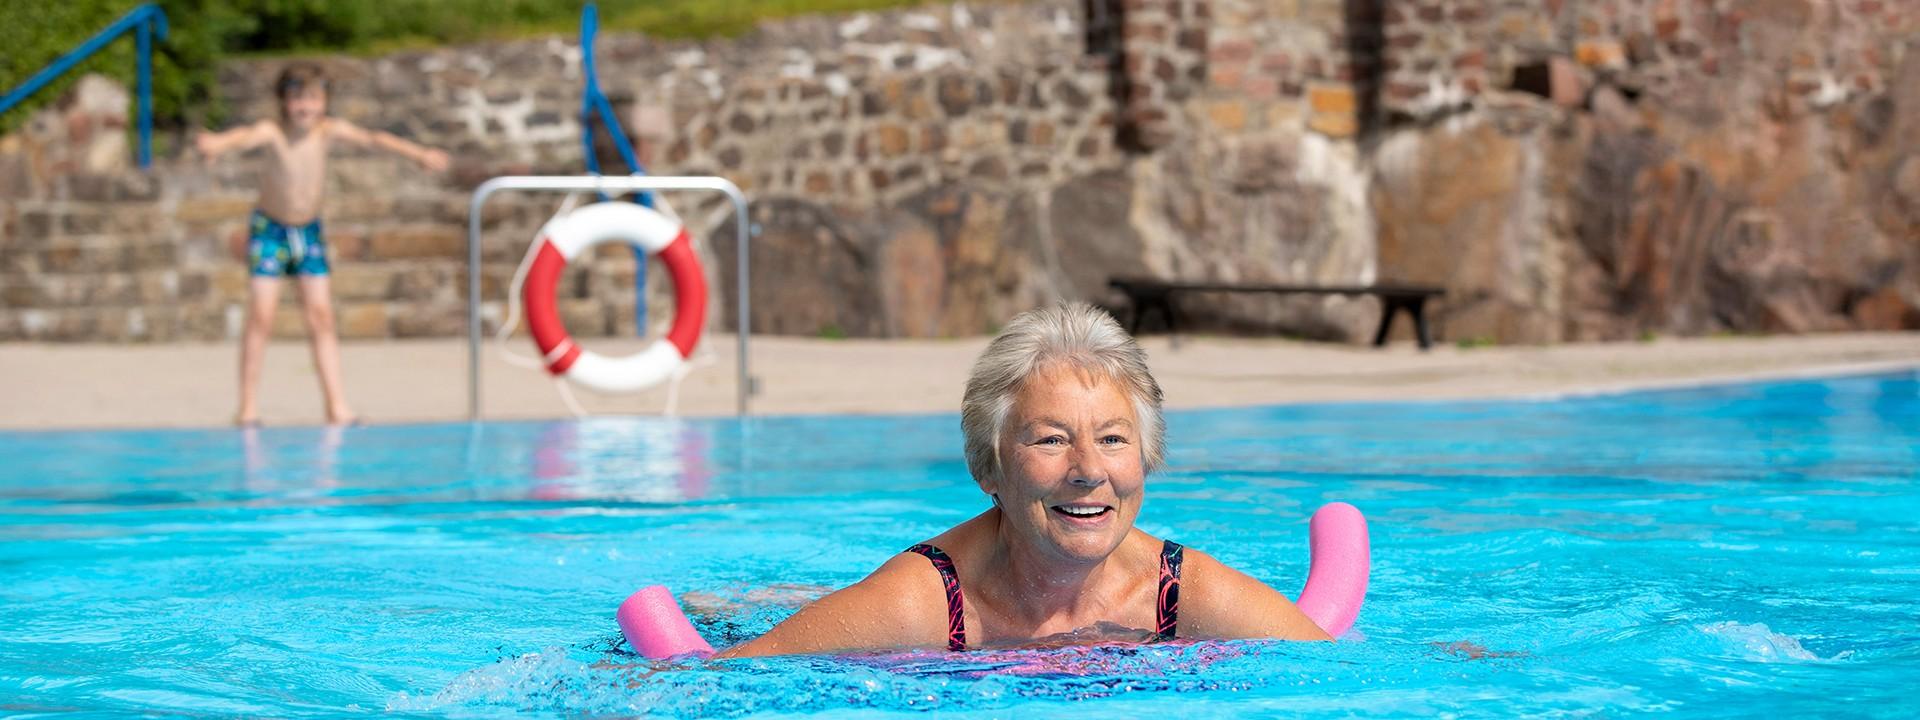 Oma schwimmt mit Schwimmnudel